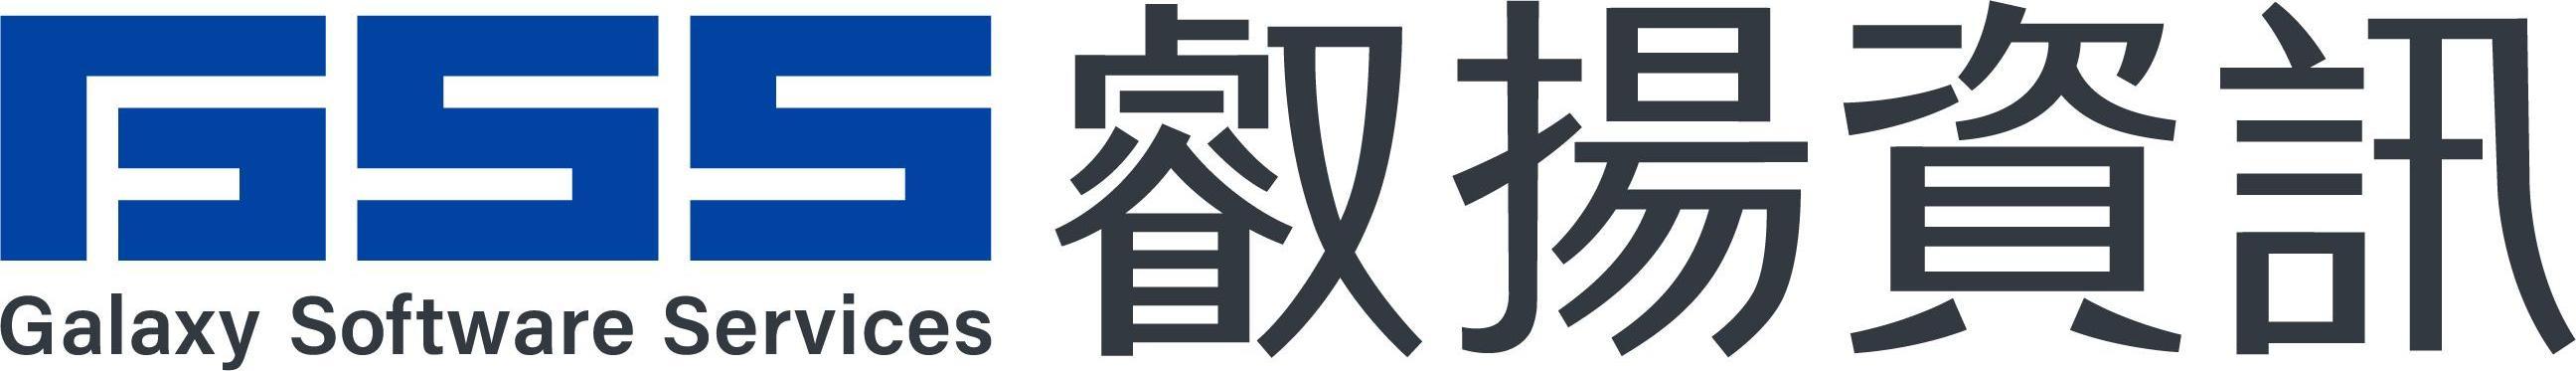 叡揚資訊股份有限公司-Logo